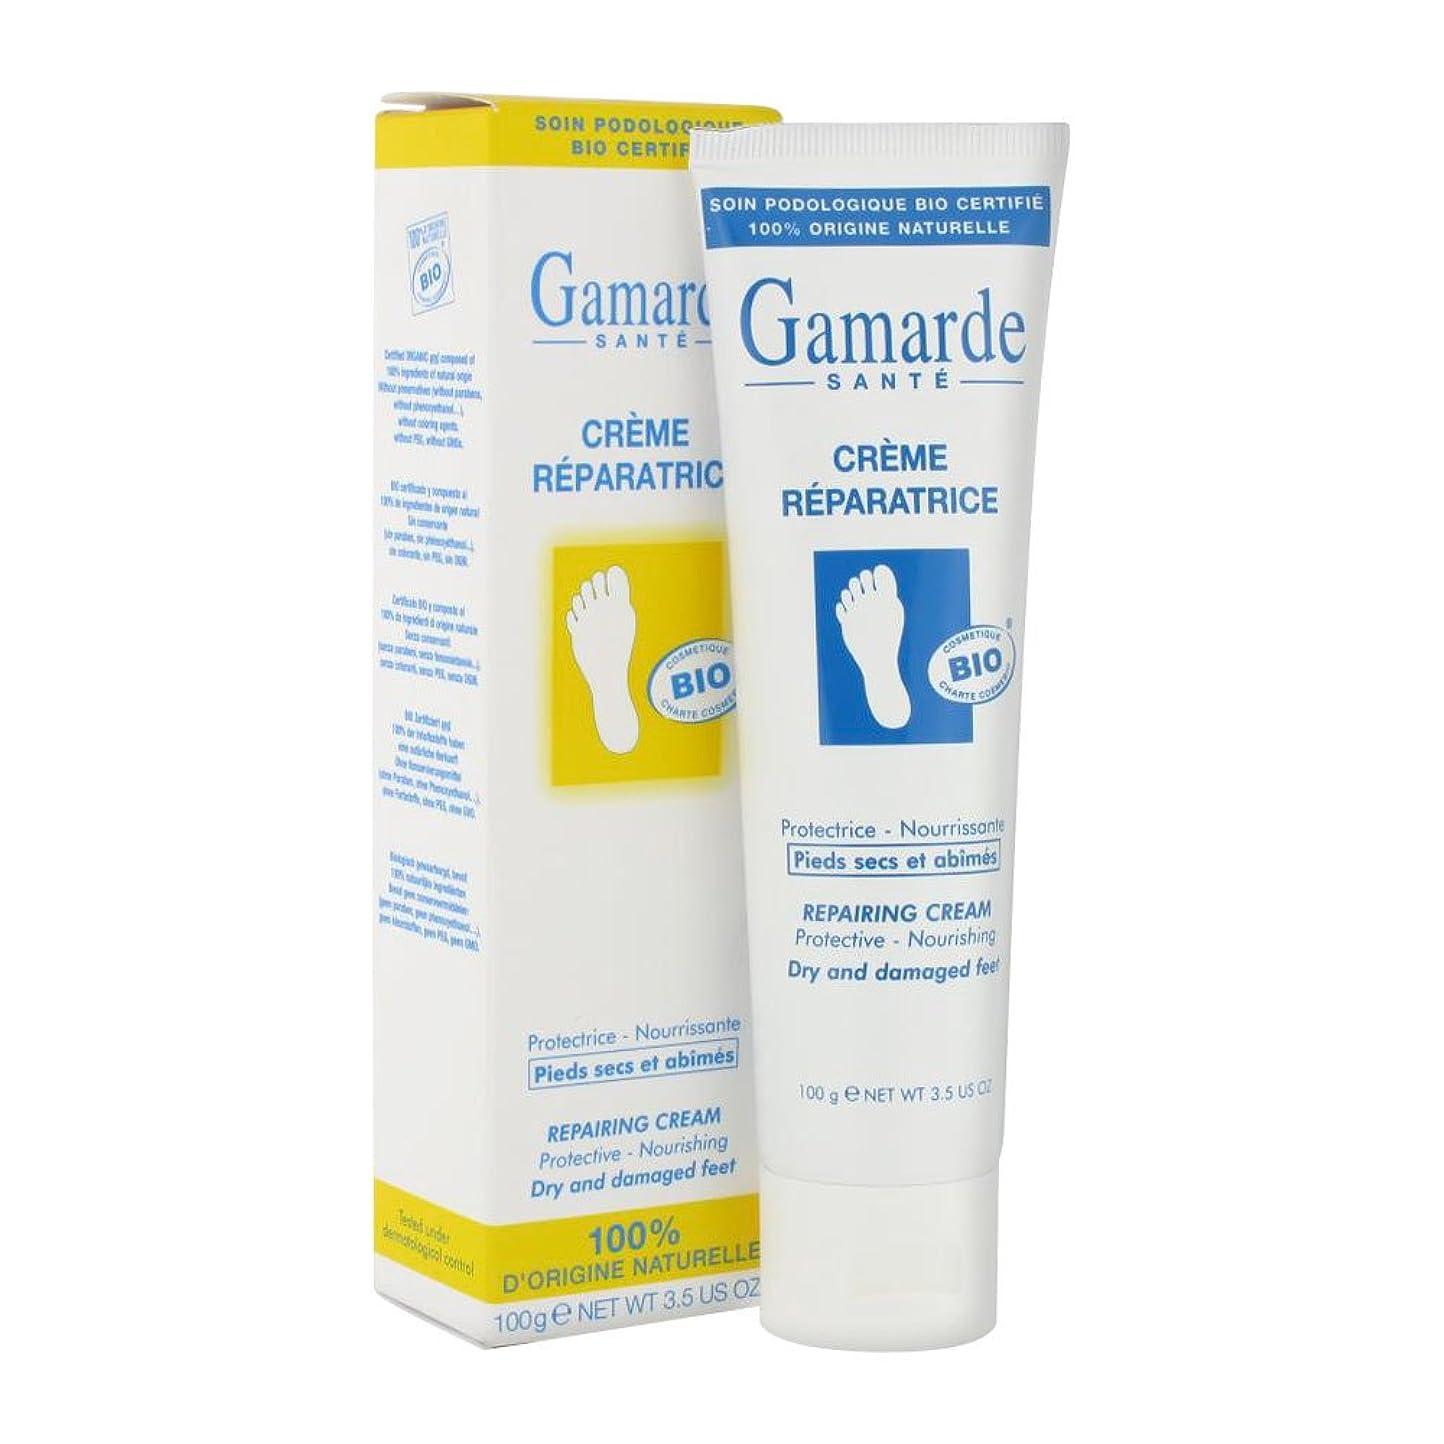 アヒル振りかける予防接種GamARde クレーム レパラトリス 100g (フットクリーム)